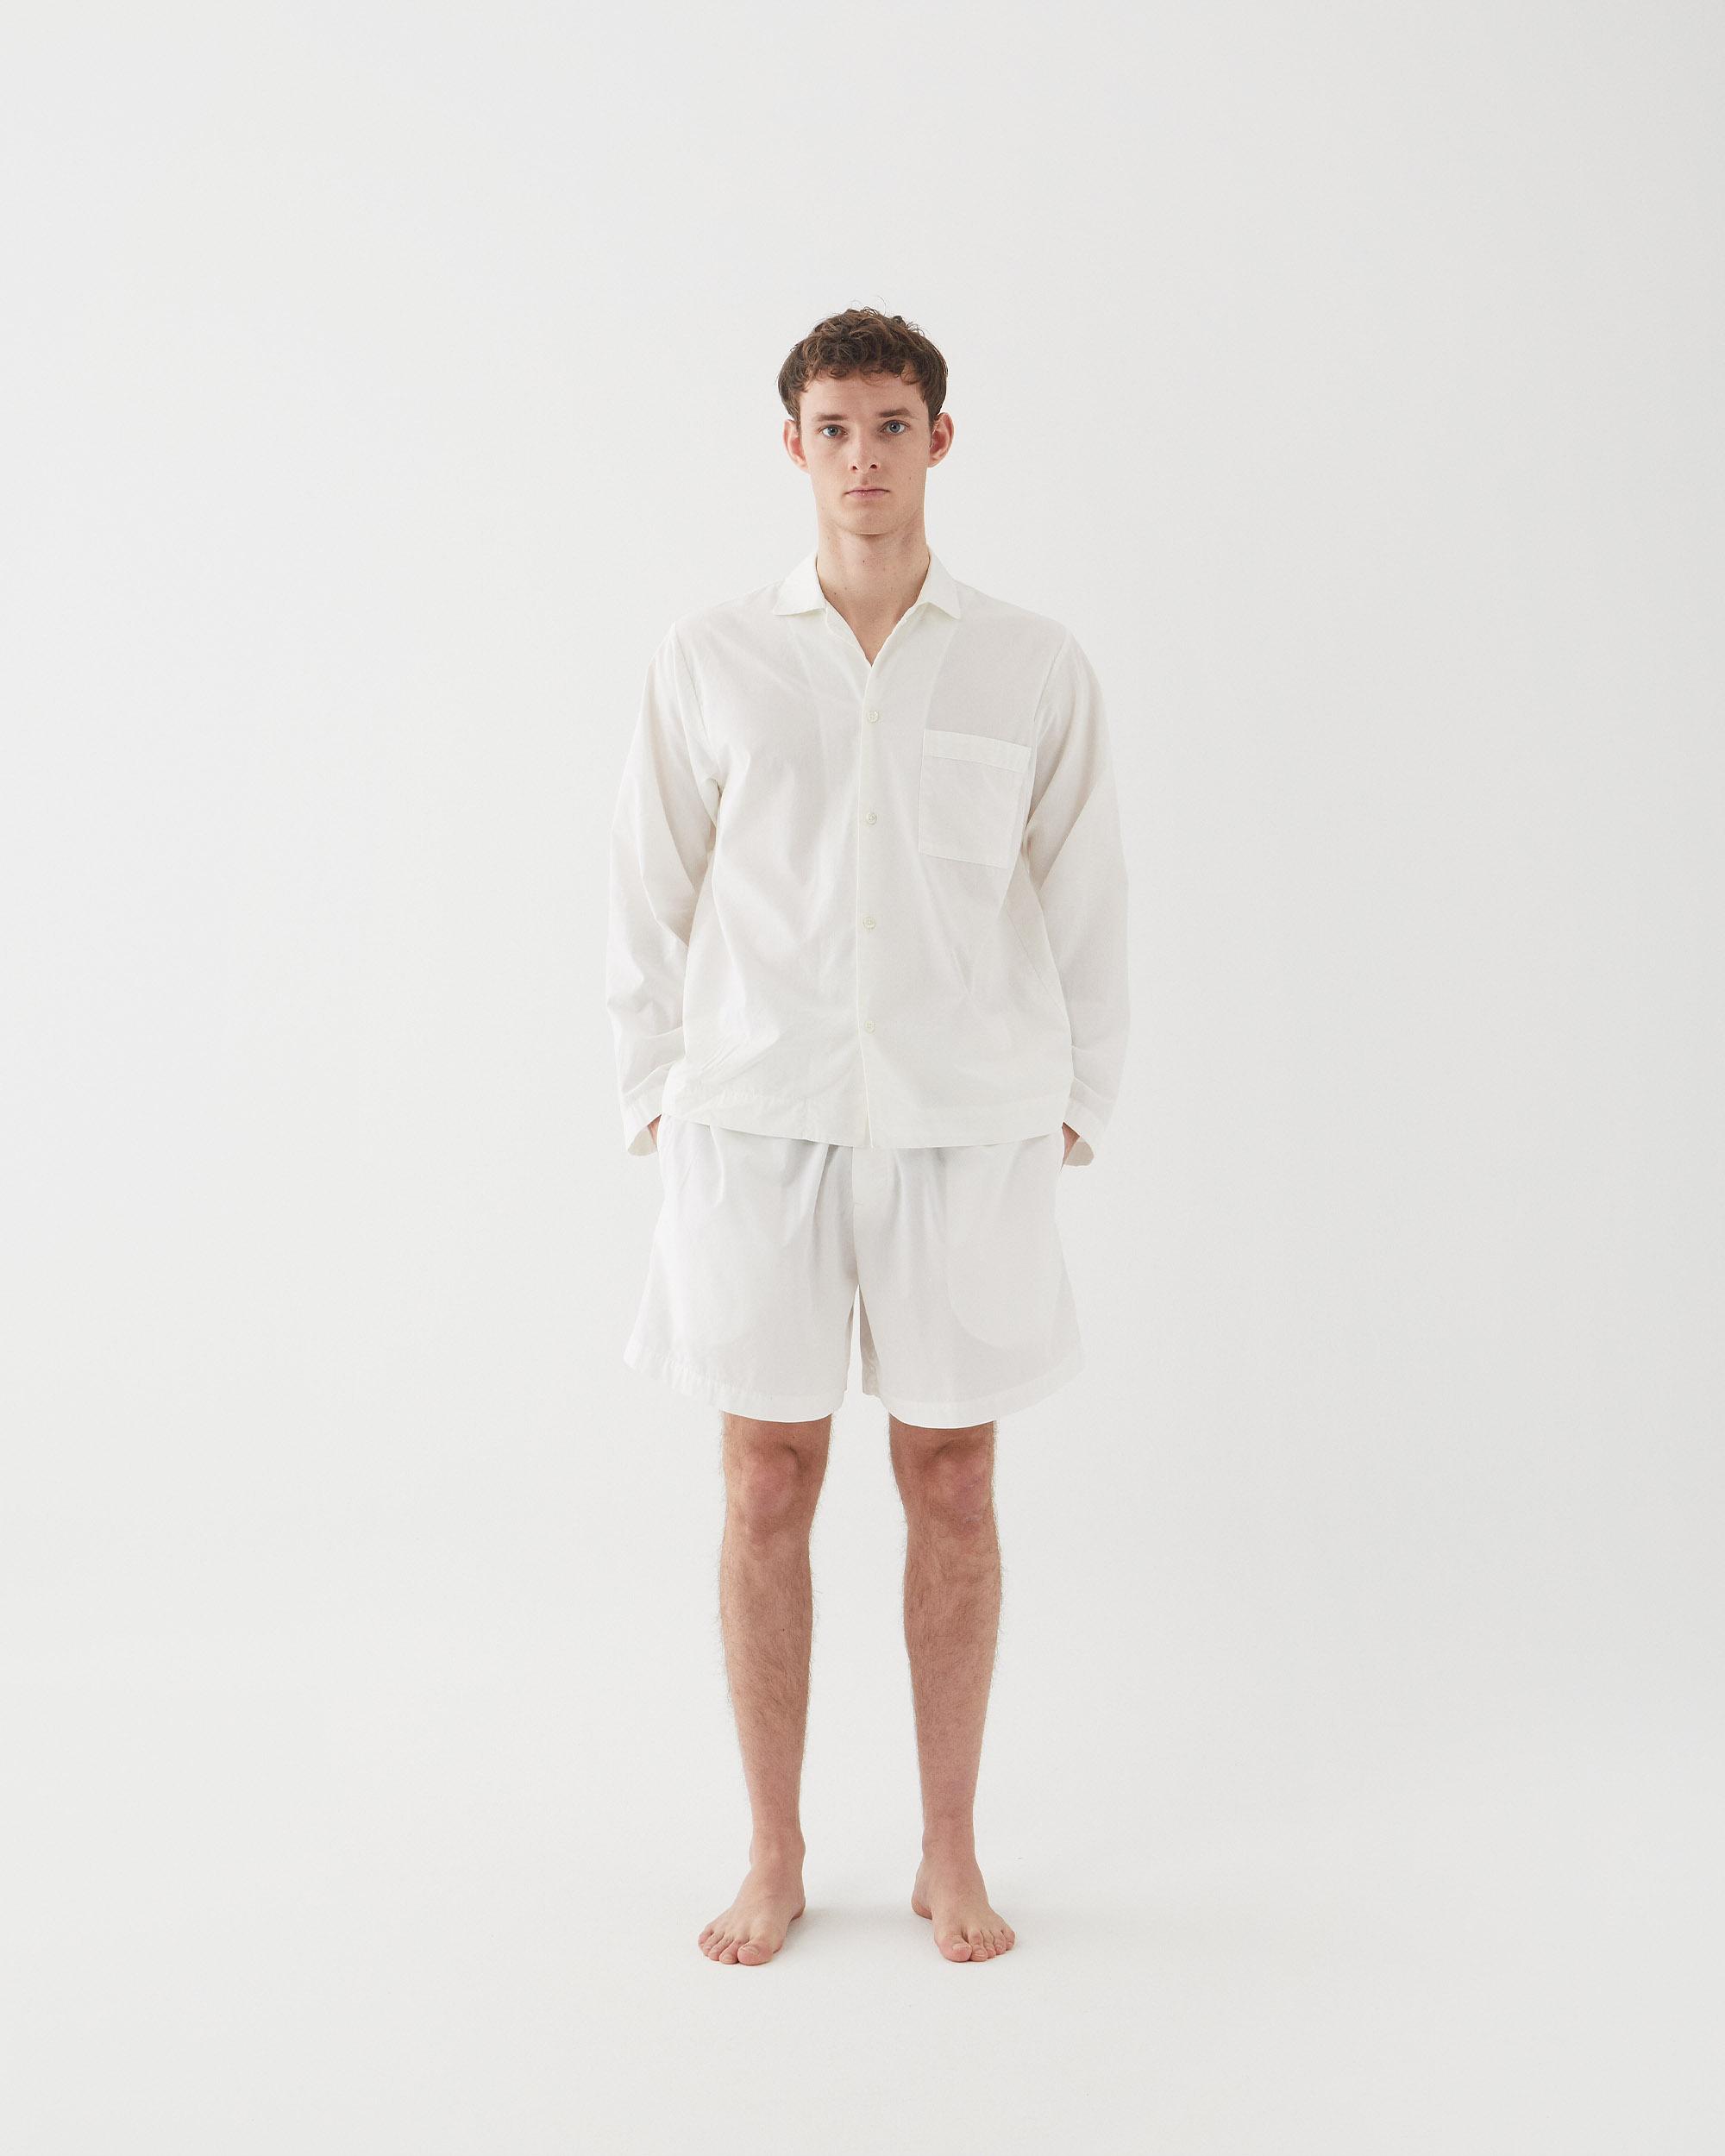 Tekla Sleepwear Alabaster white